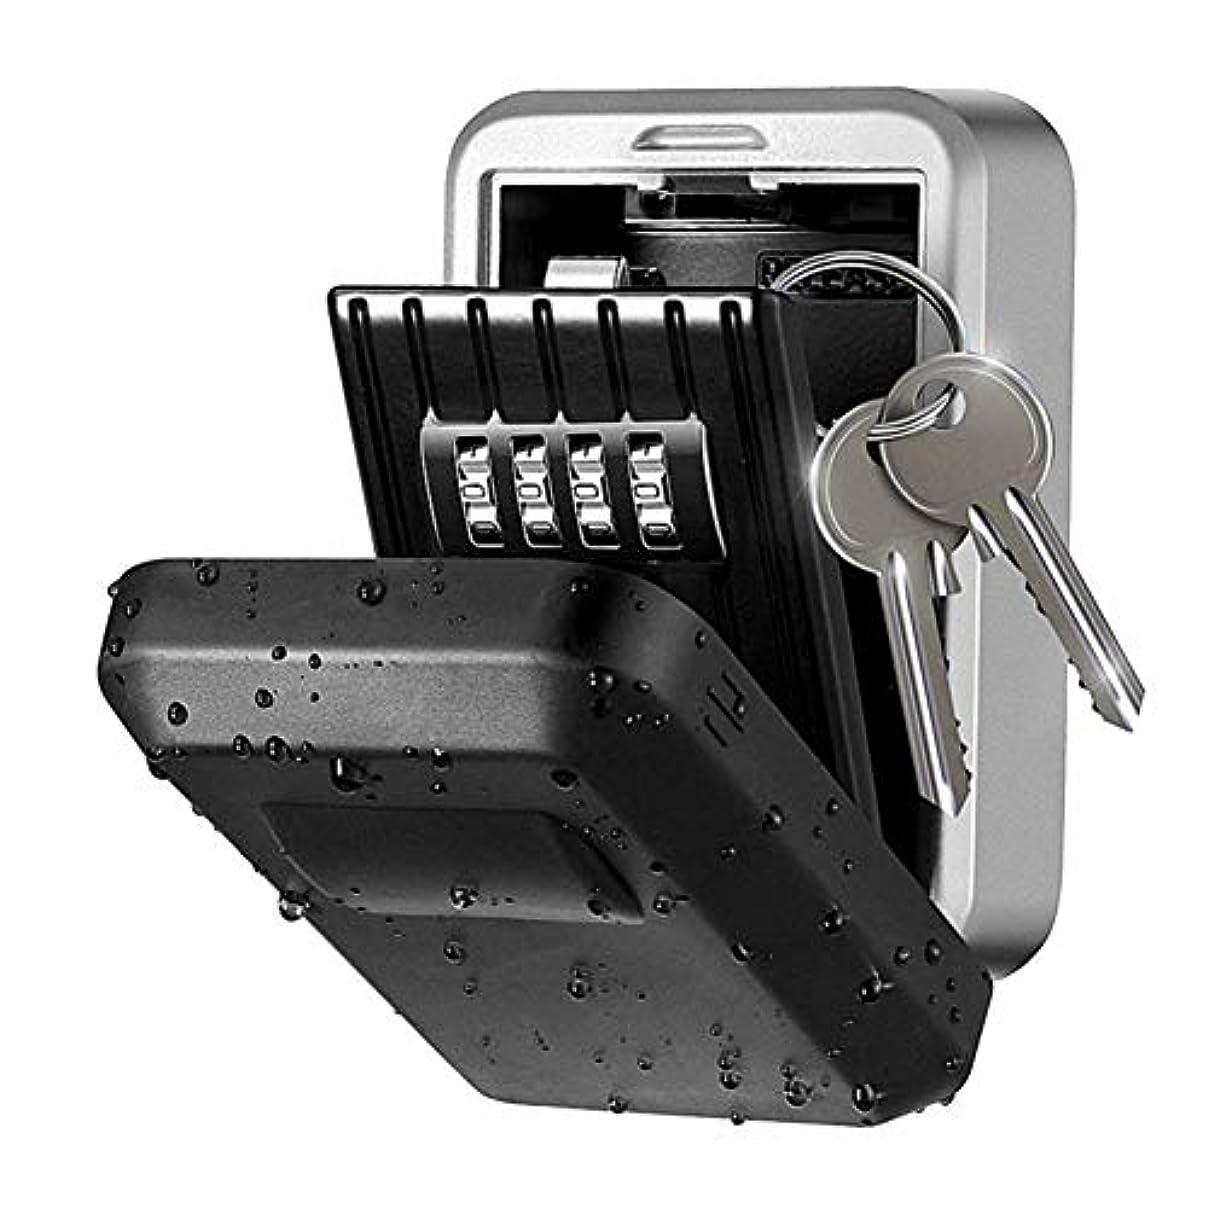 フォージ裏切りマージンKey Storage Box,ZOZOE Wall Mount Key Lock Box - Strong, Metal, Outdoors 4 Digit Combination Wall Mount Key Safe...